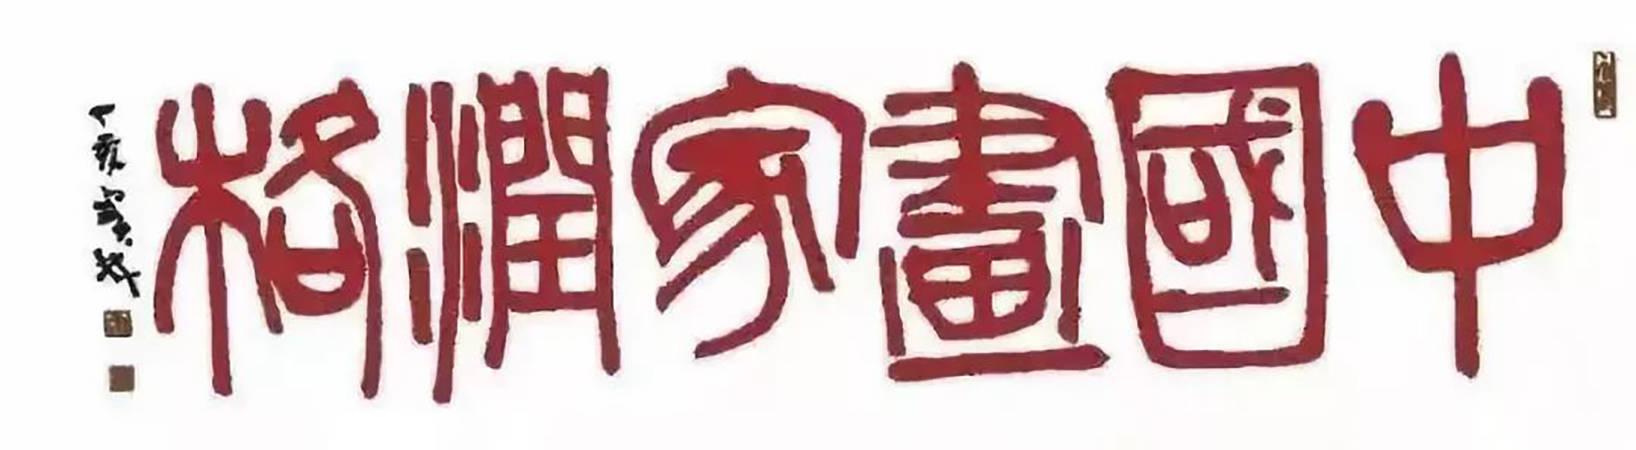 【画家润格】2020年王西京作品拍卖与画廊价格 姓氏(W)